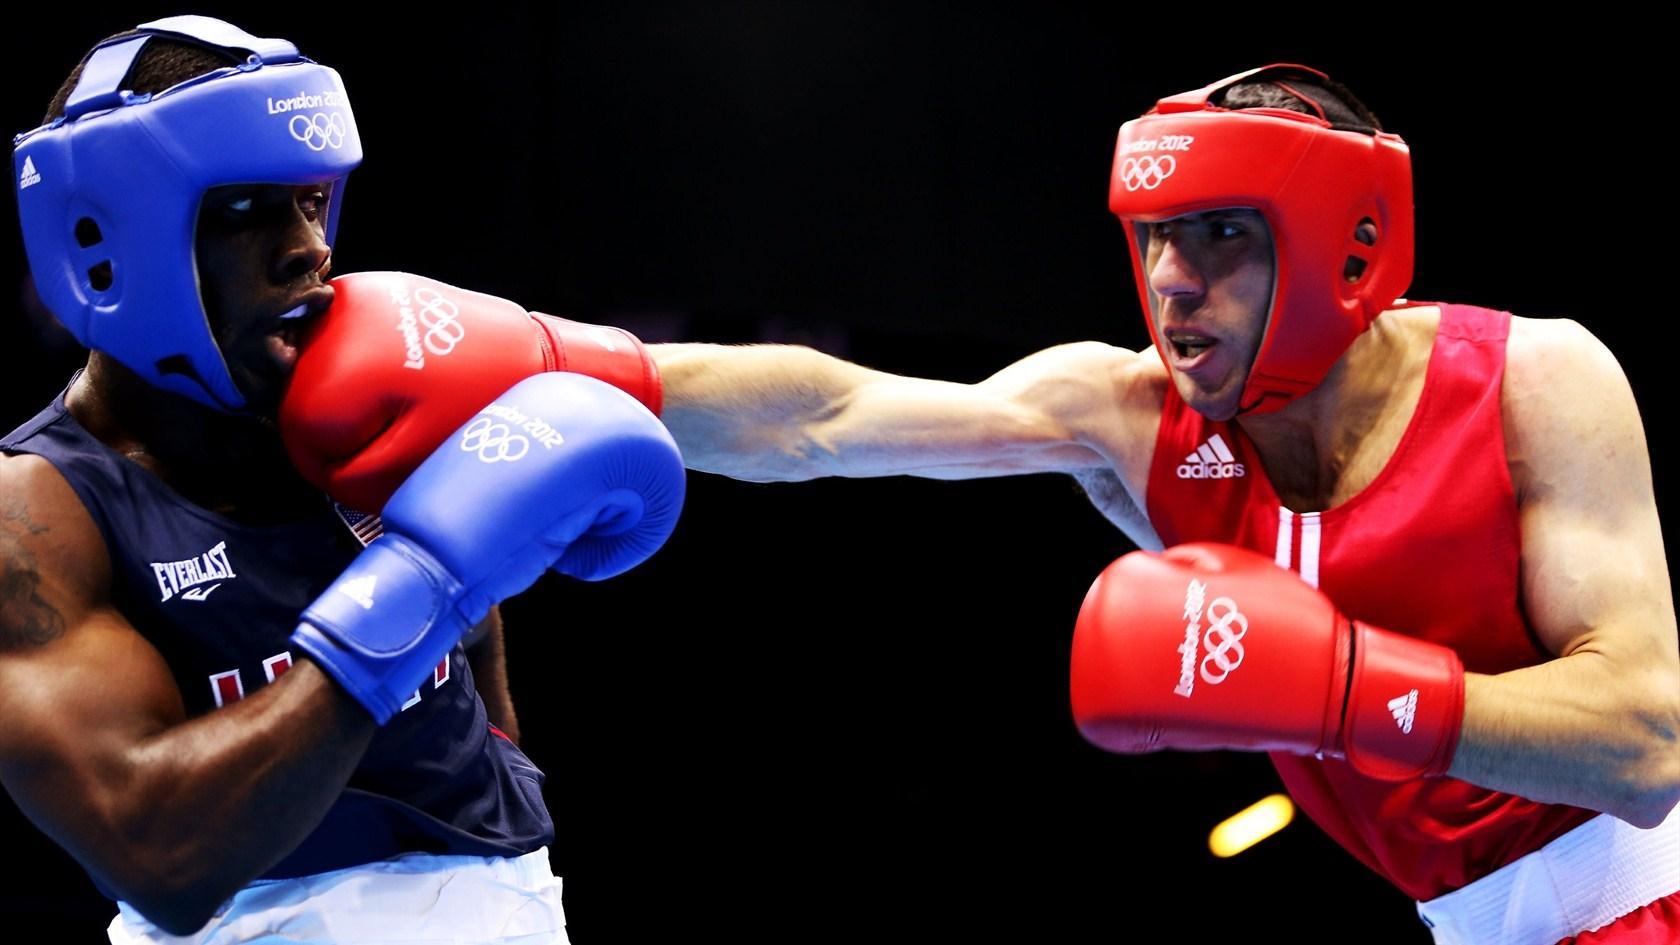 Armenian Hakobyan punching Gausha Boxing 2012 Olymics HD Wallpaper 1680x945